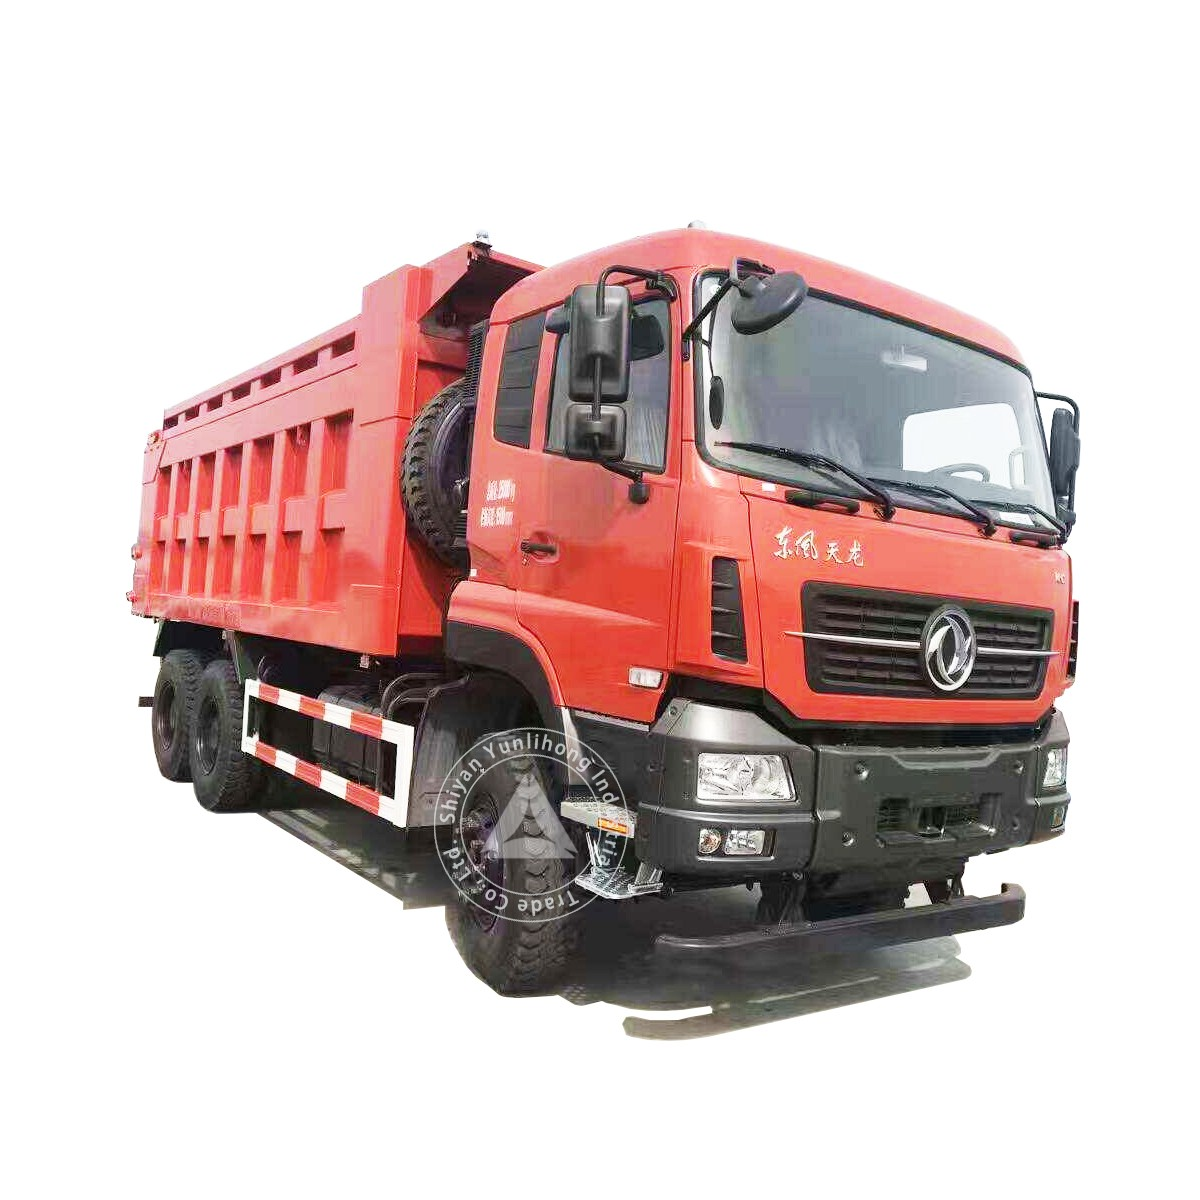 Camión volquete Dongfeng KC 6x4 GVW 35 toneladas 15m3 a 23m3